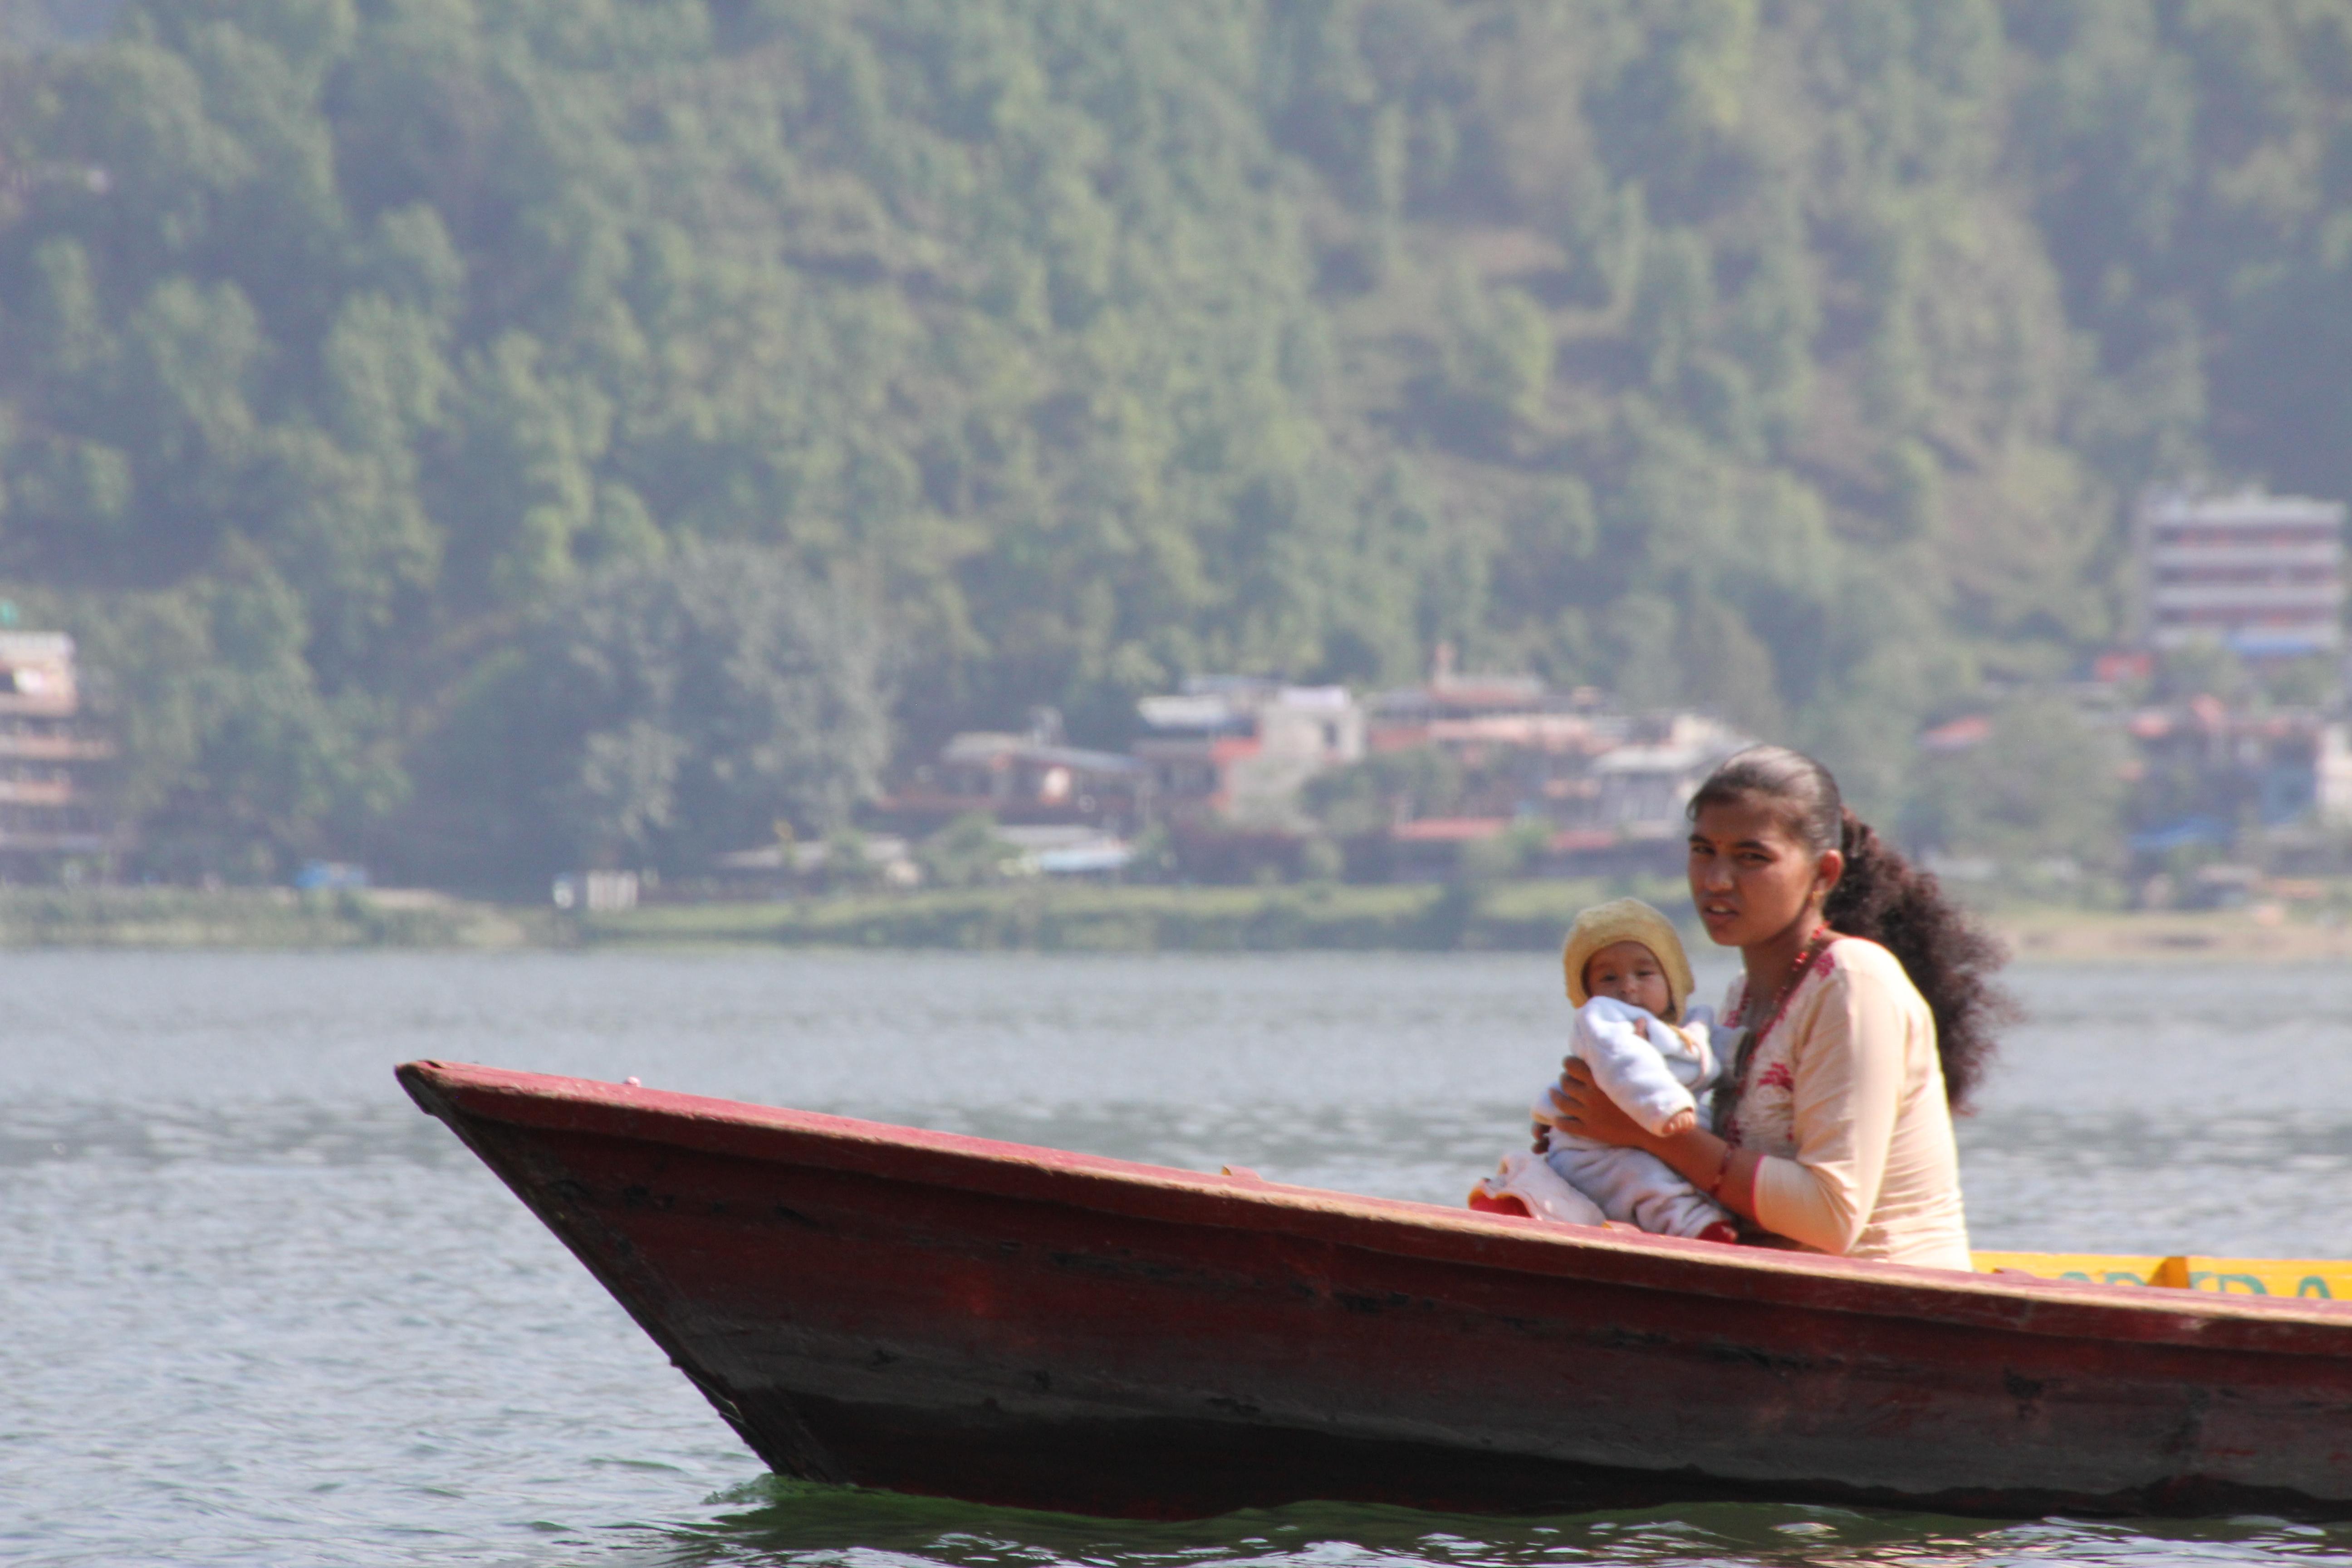 Podróż kajakiem przez Phewa Tal